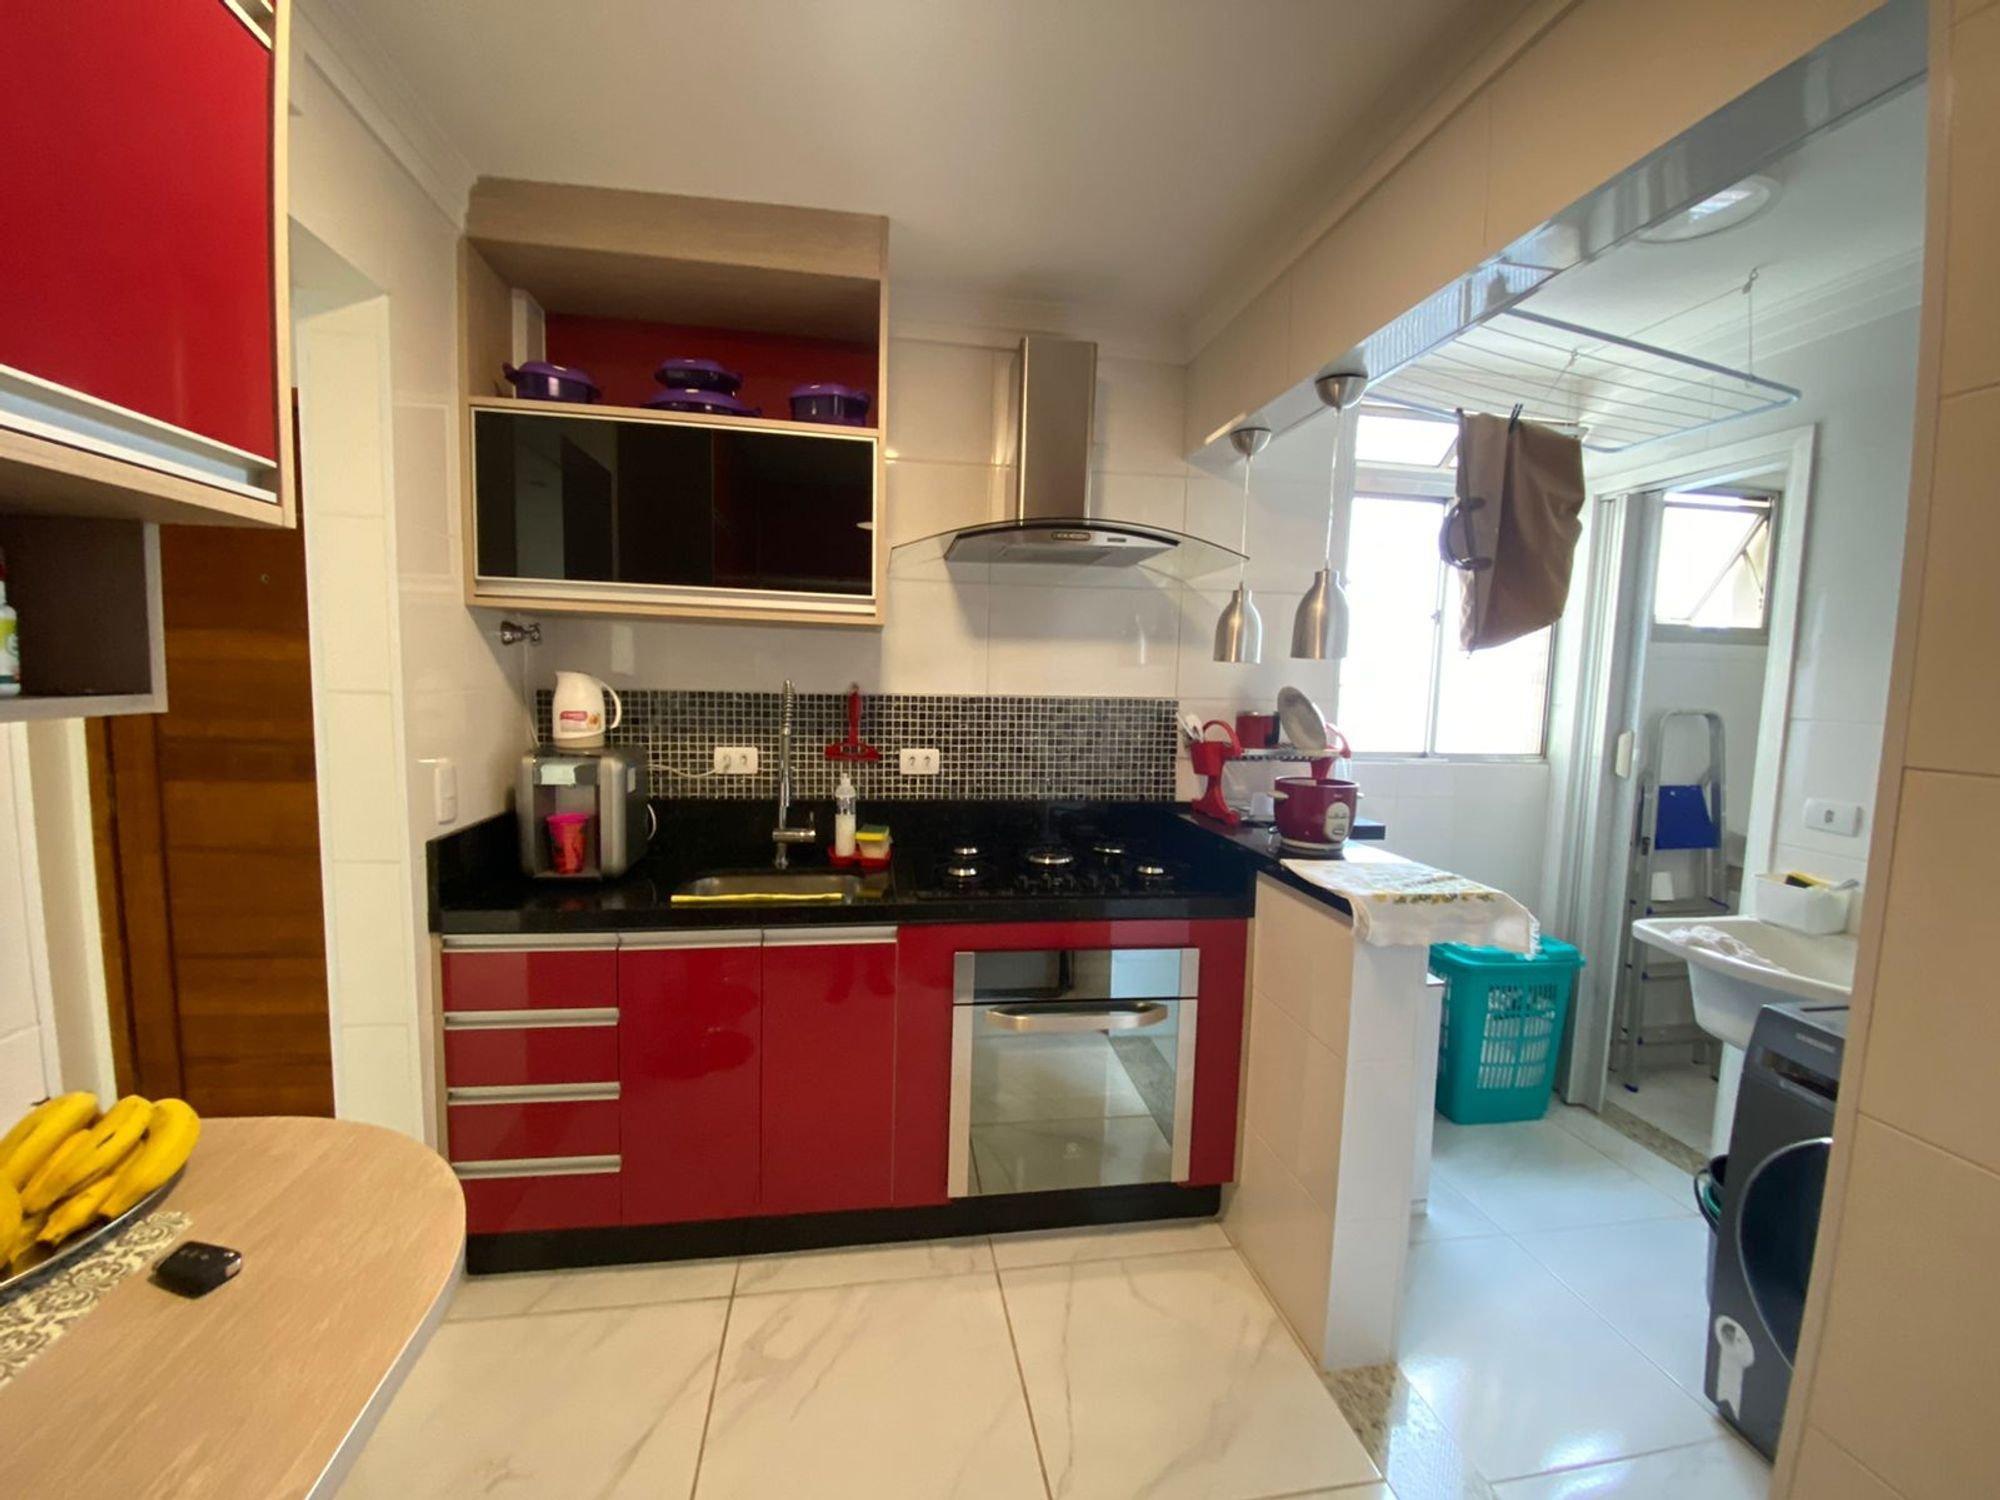 Foto de Cozinha com forno, pia, mesa de jantar